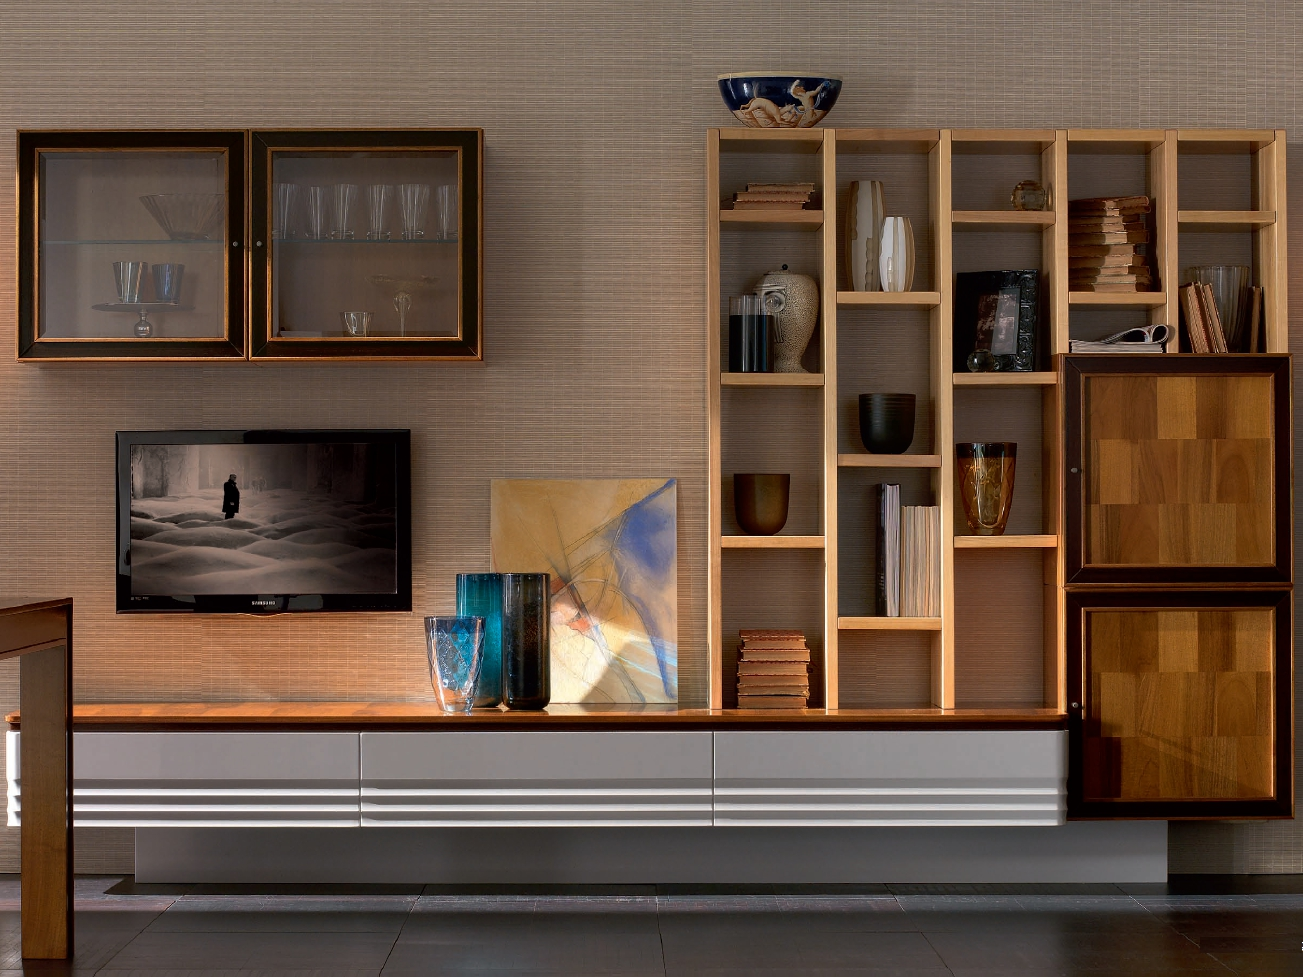 Catalogo muebles de cocina modulares ideas for Muebles de cocina de madera maciza catalogo